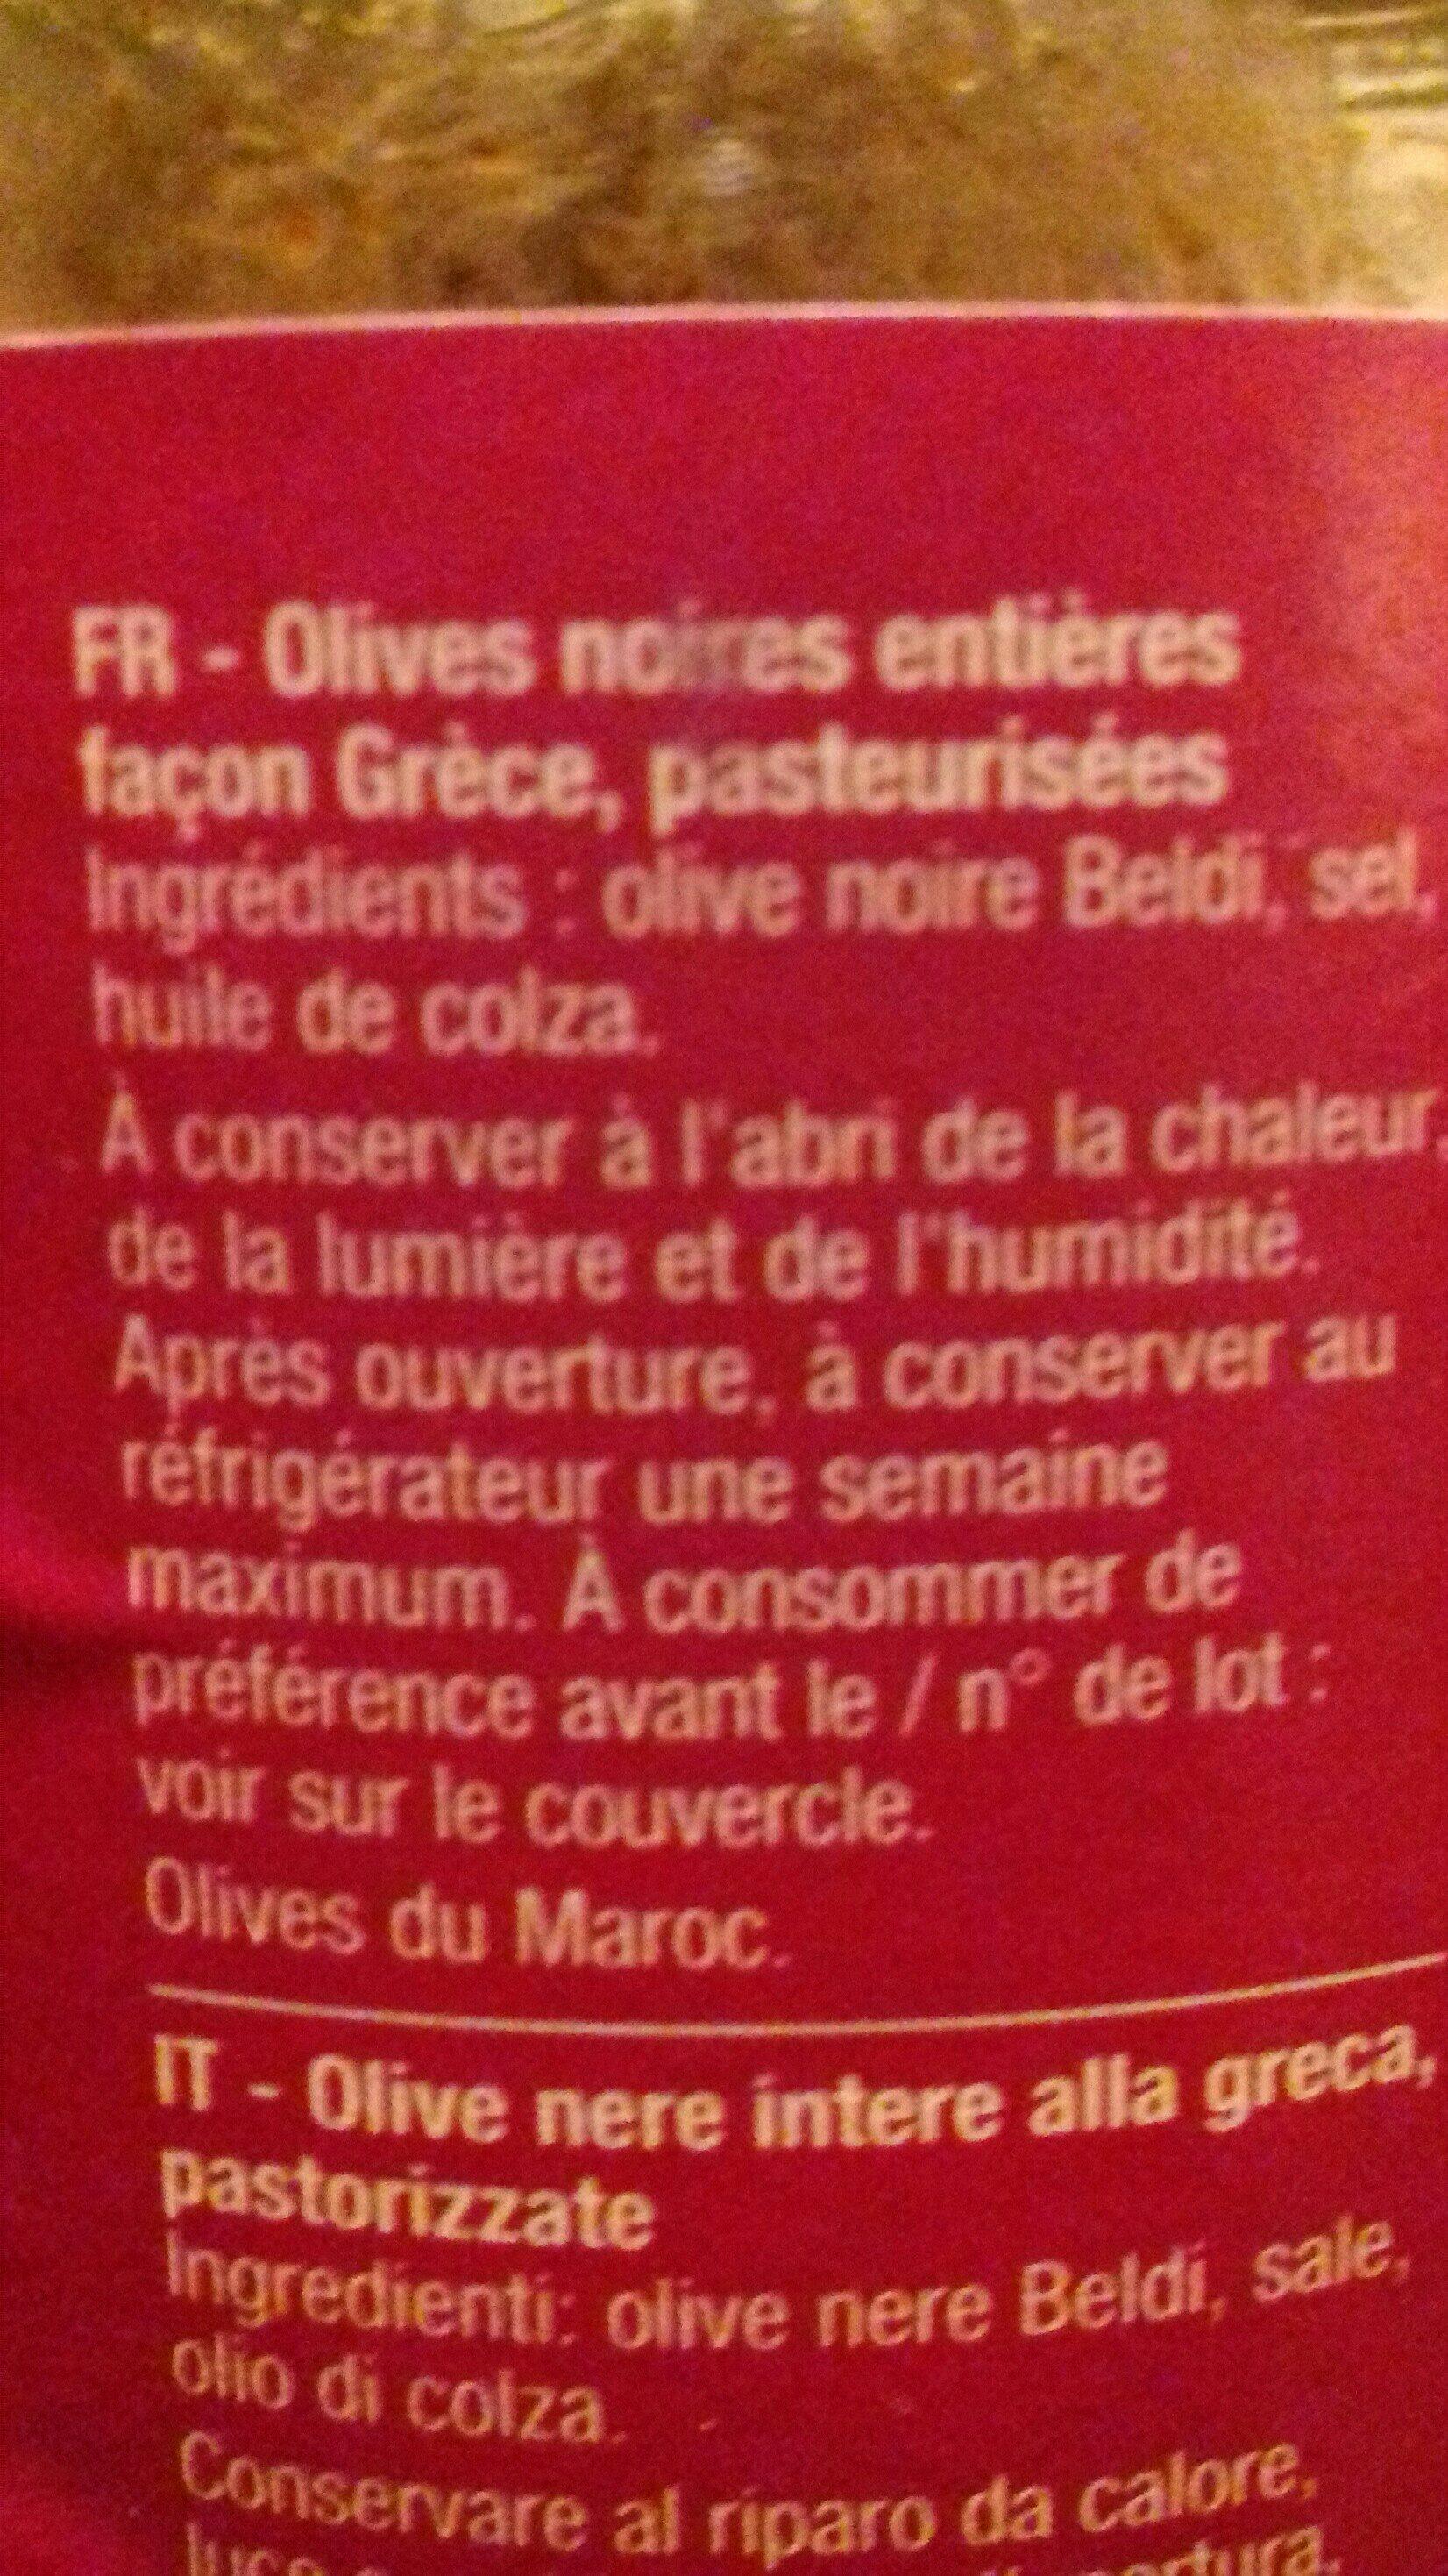 Olives noires à la grecques - Ingrédients - fr